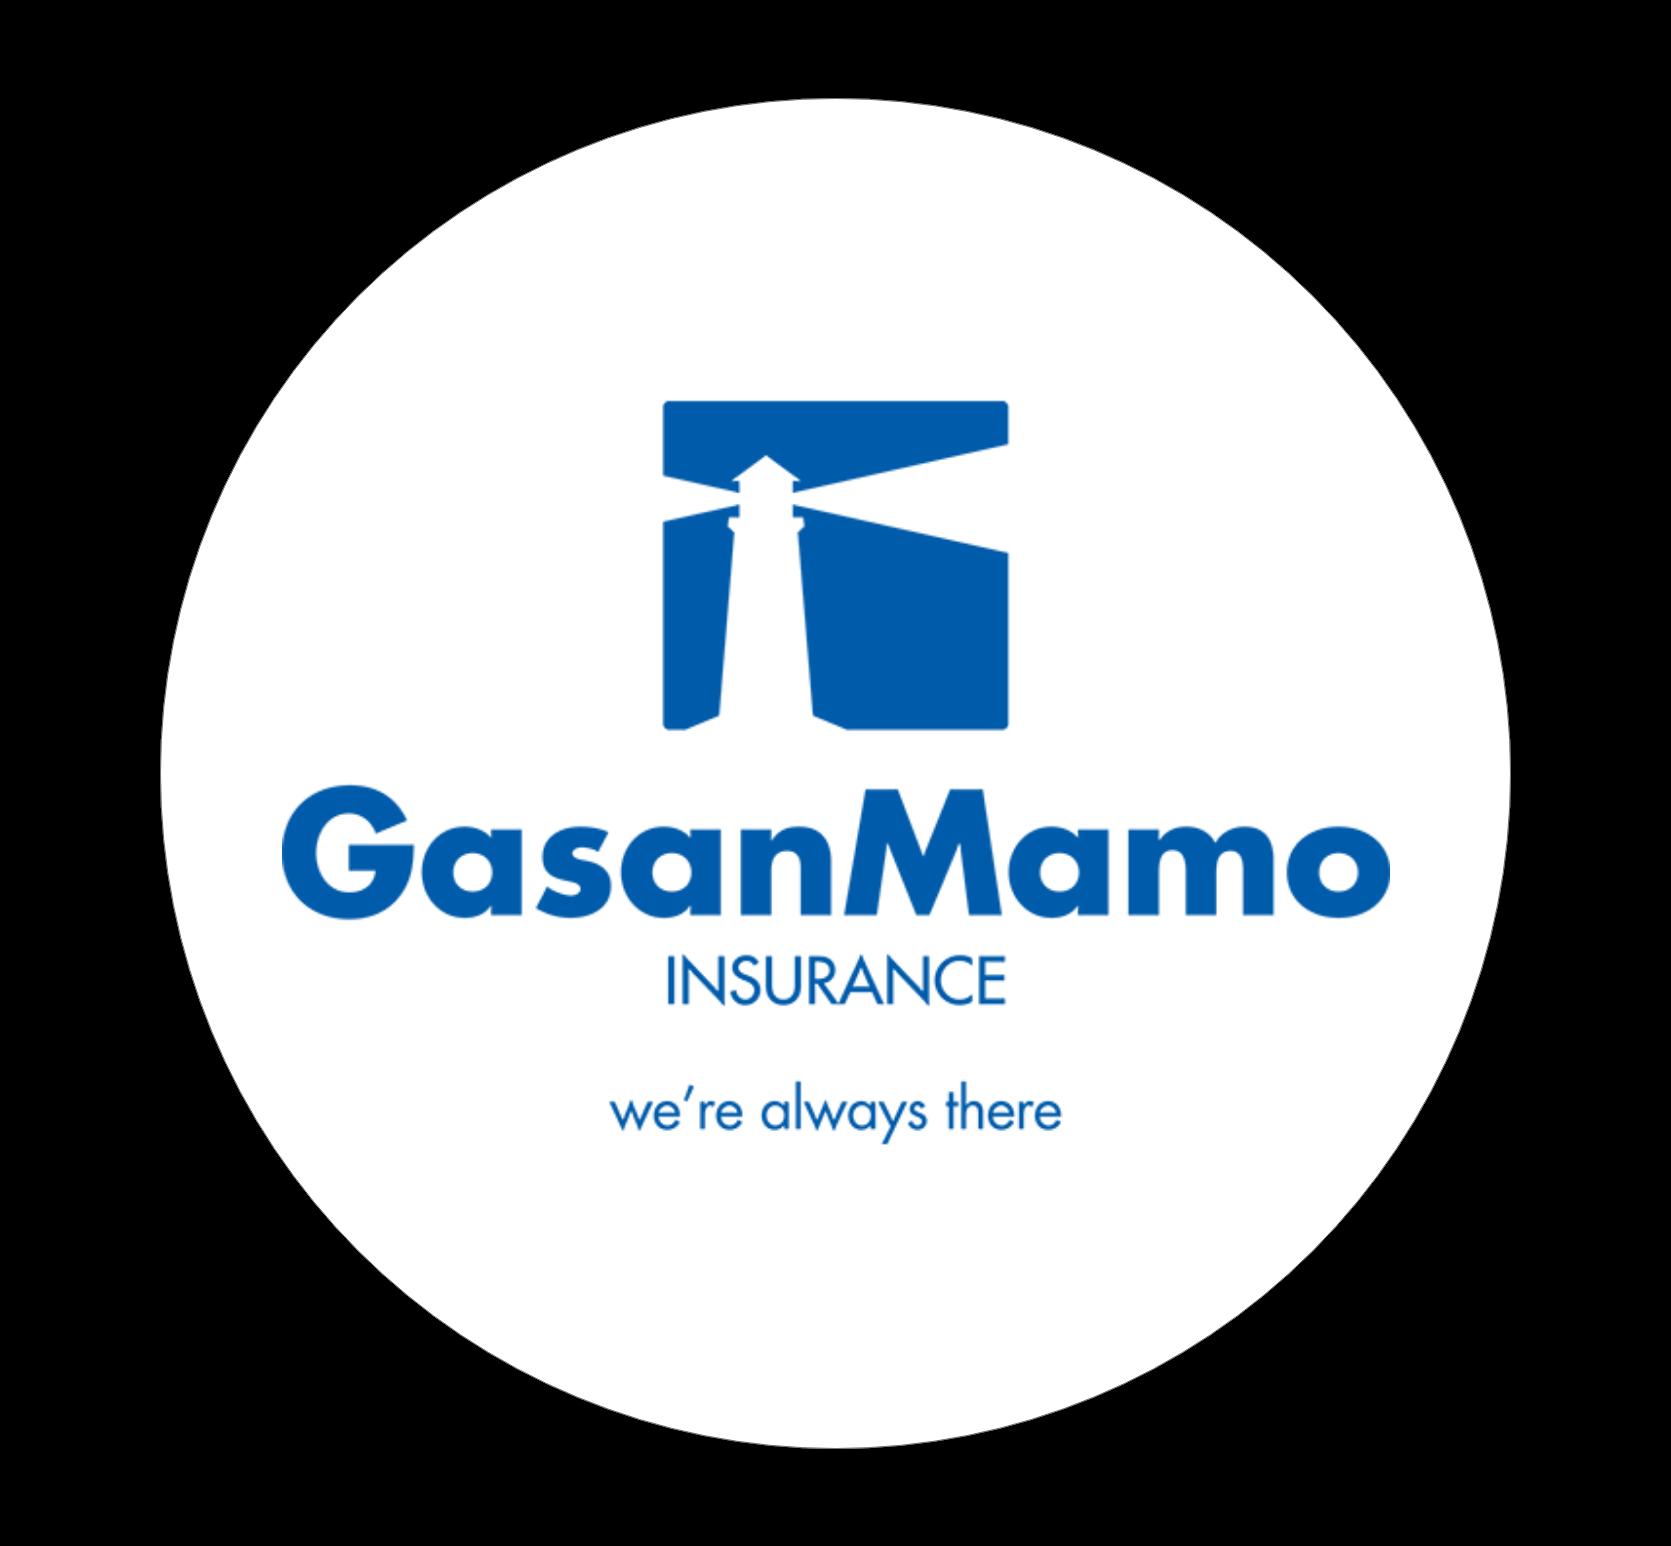 gasan-mamo-insurance-logo